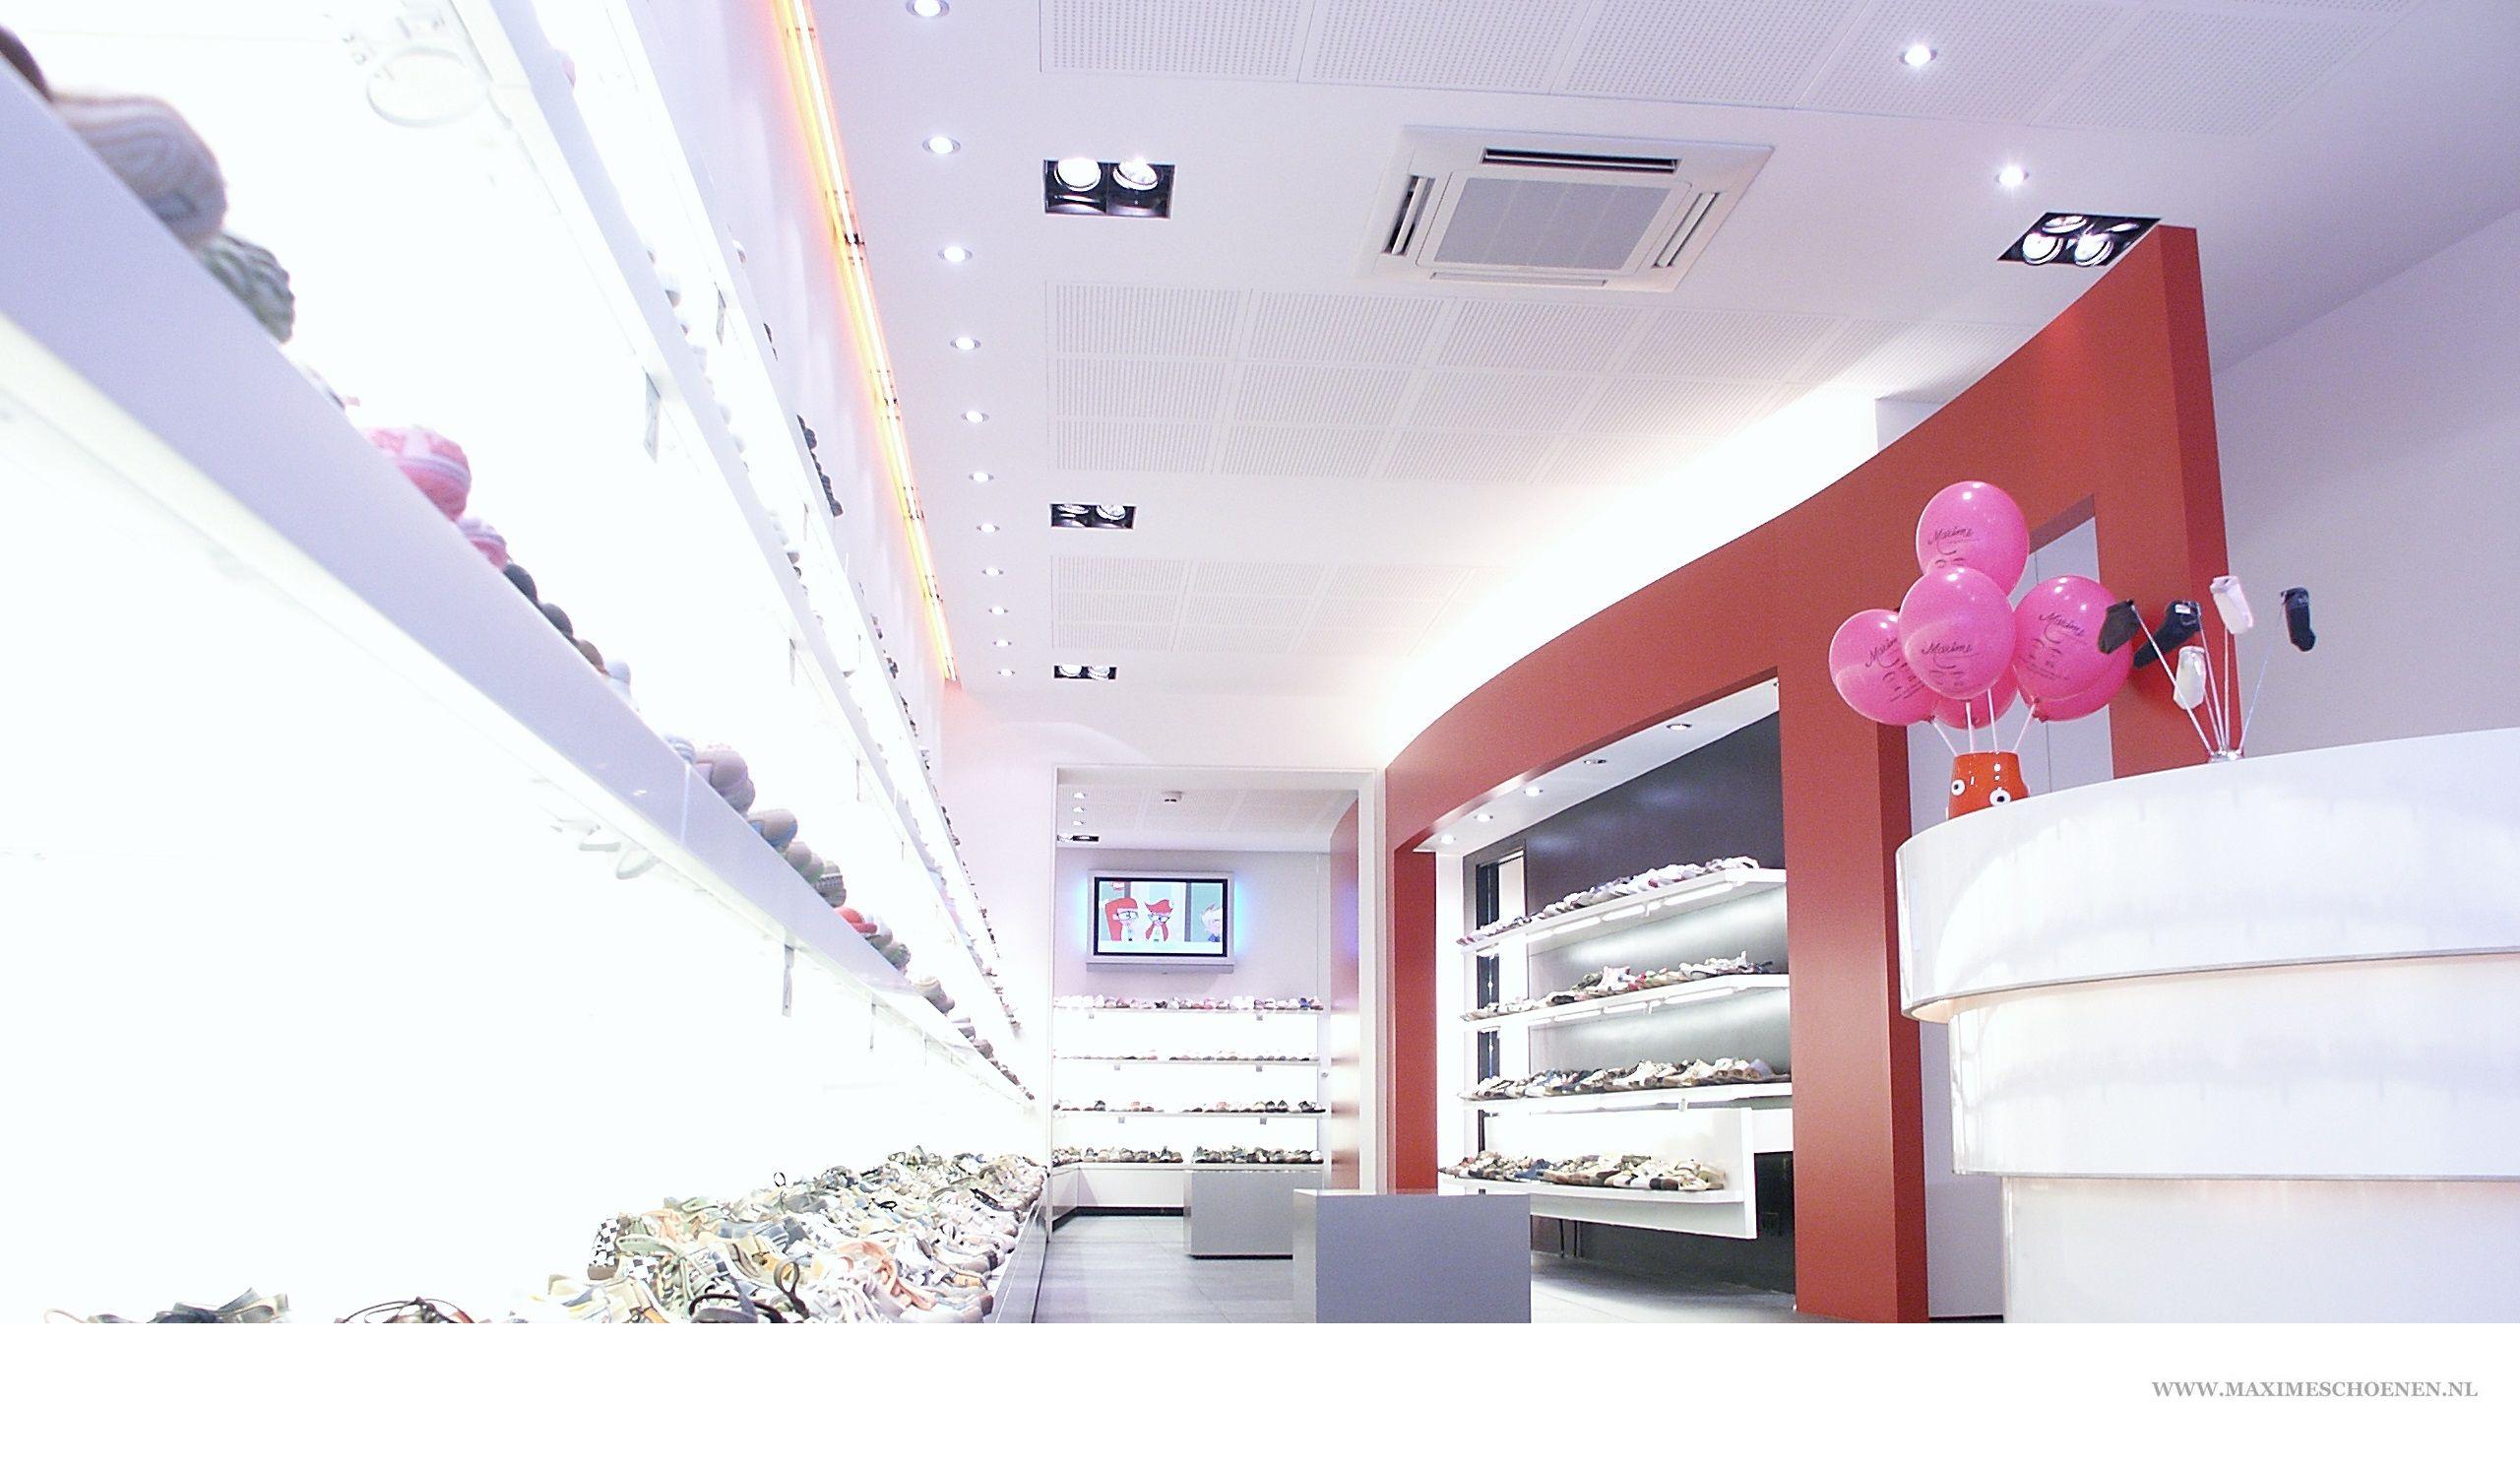 Onze schoenenwinkel Maxime schoenen gevestigd op adres